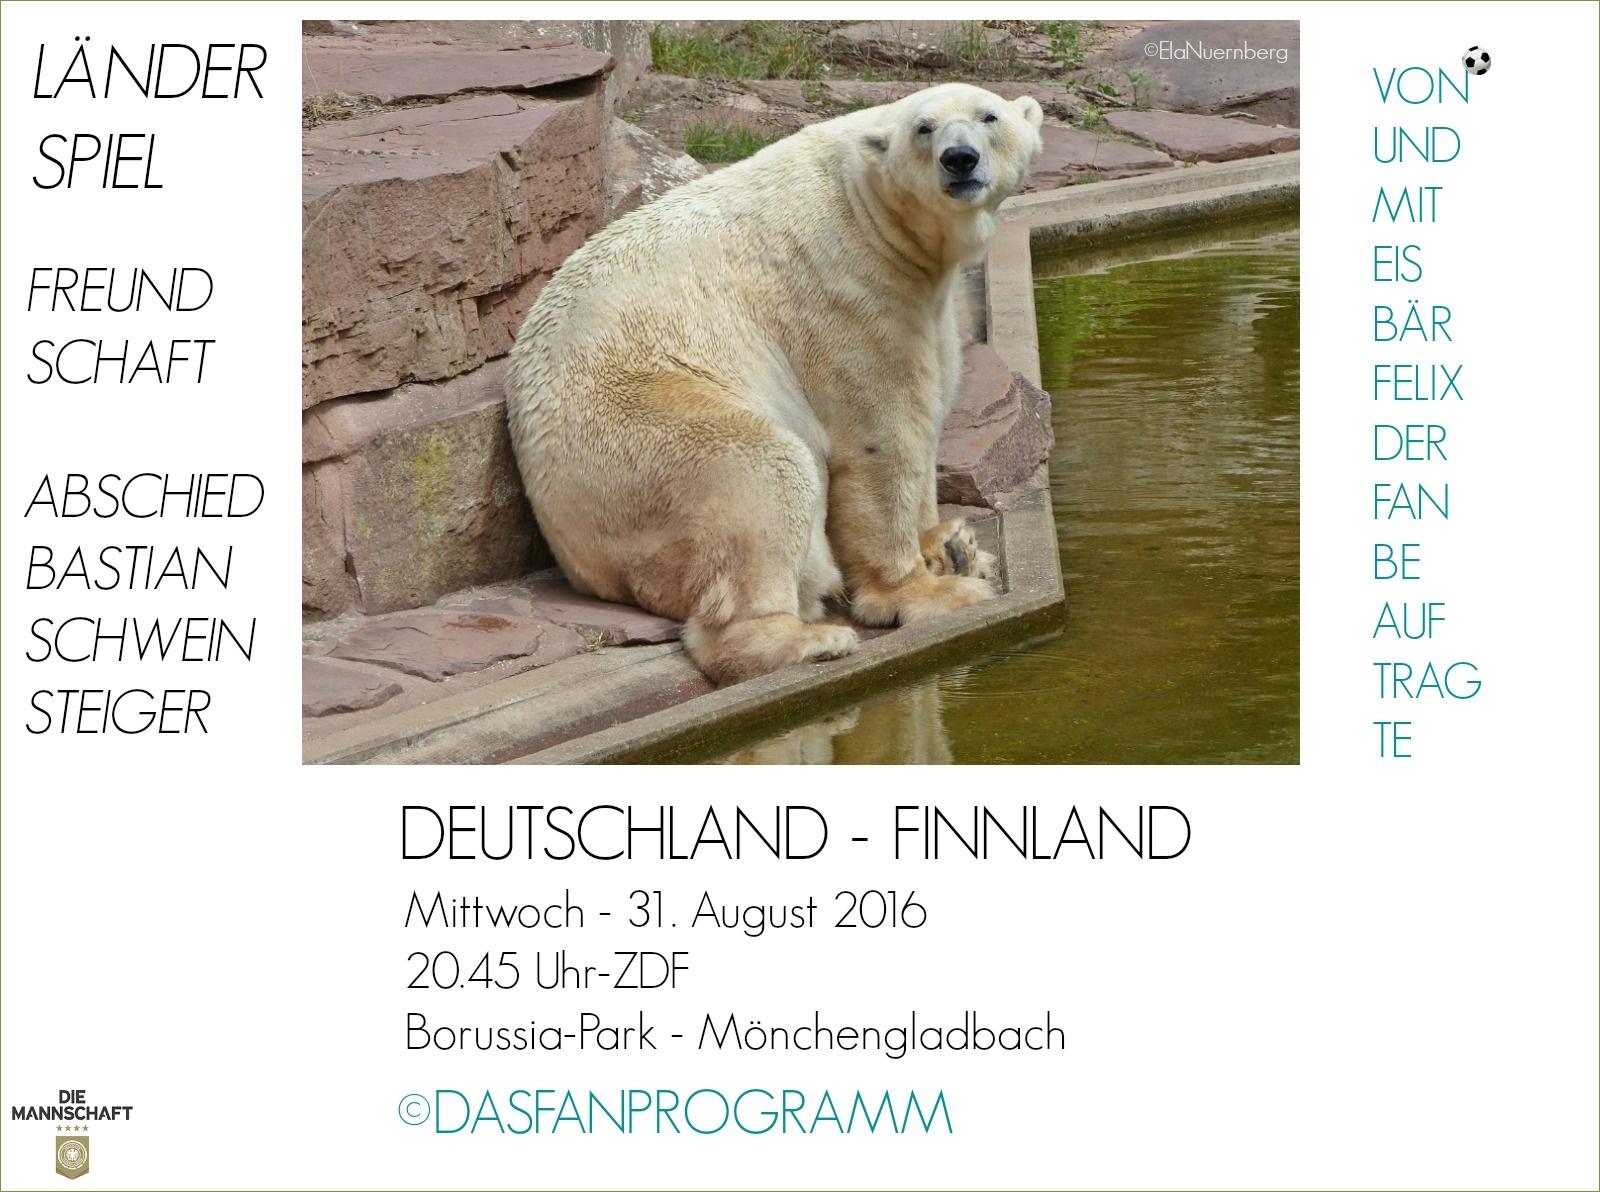 Eisbär Felix DER Fanbeauftragte - FELIX FB- #GERFIN - 31.08.2016 -